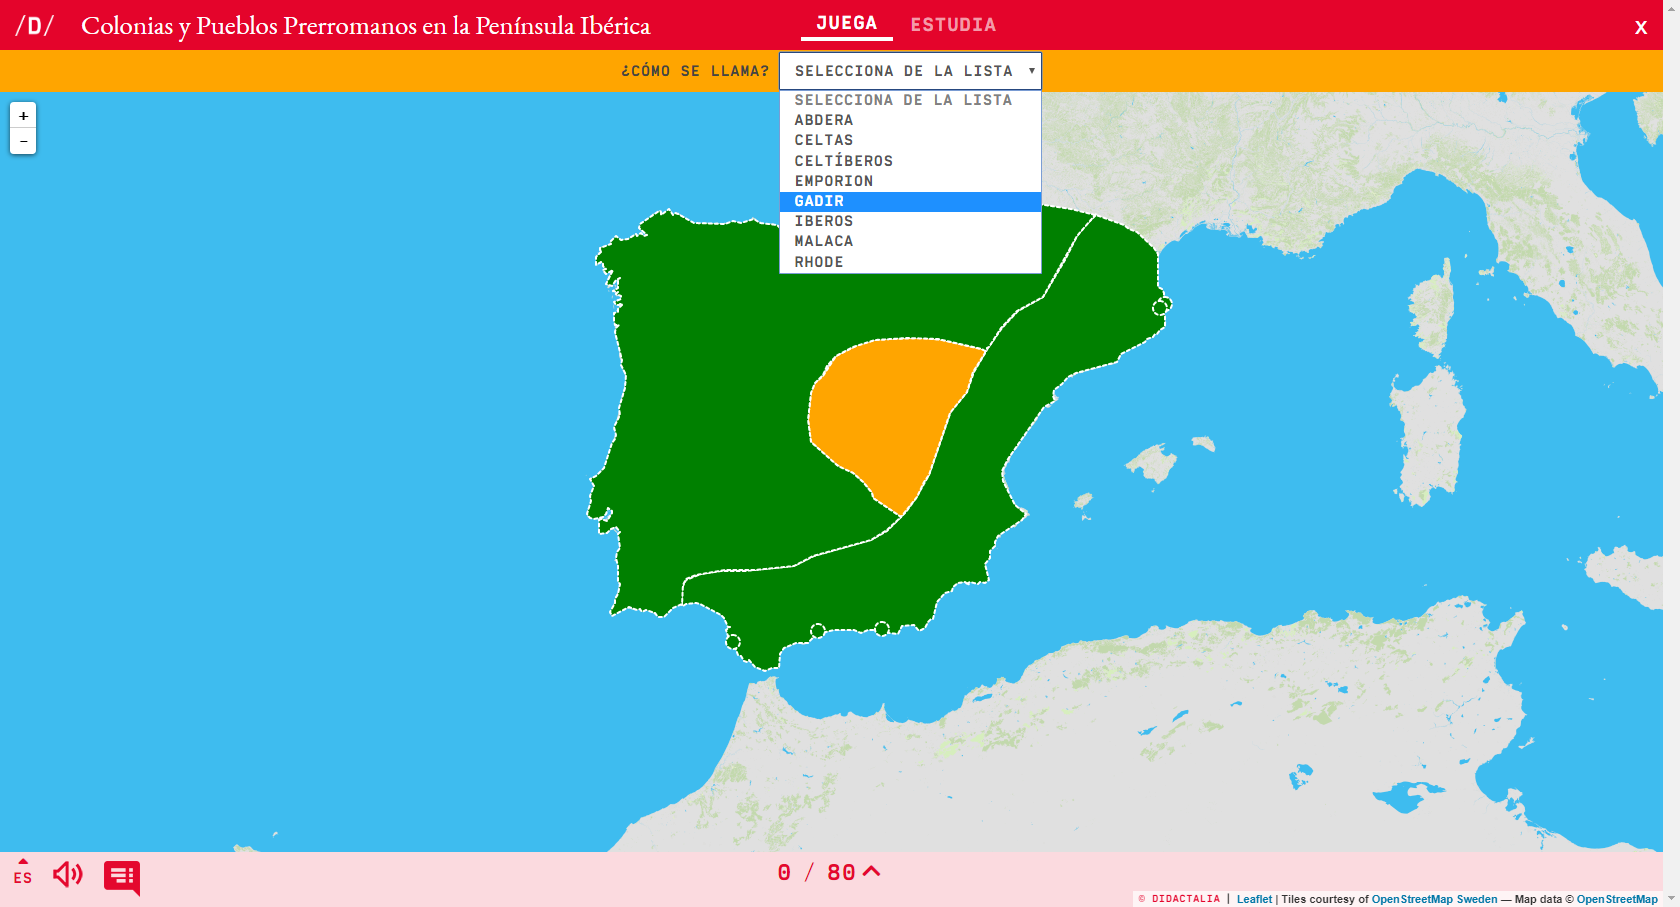 Hauptstädte und vorrömische Völker auf der Iberischen Halbinsel